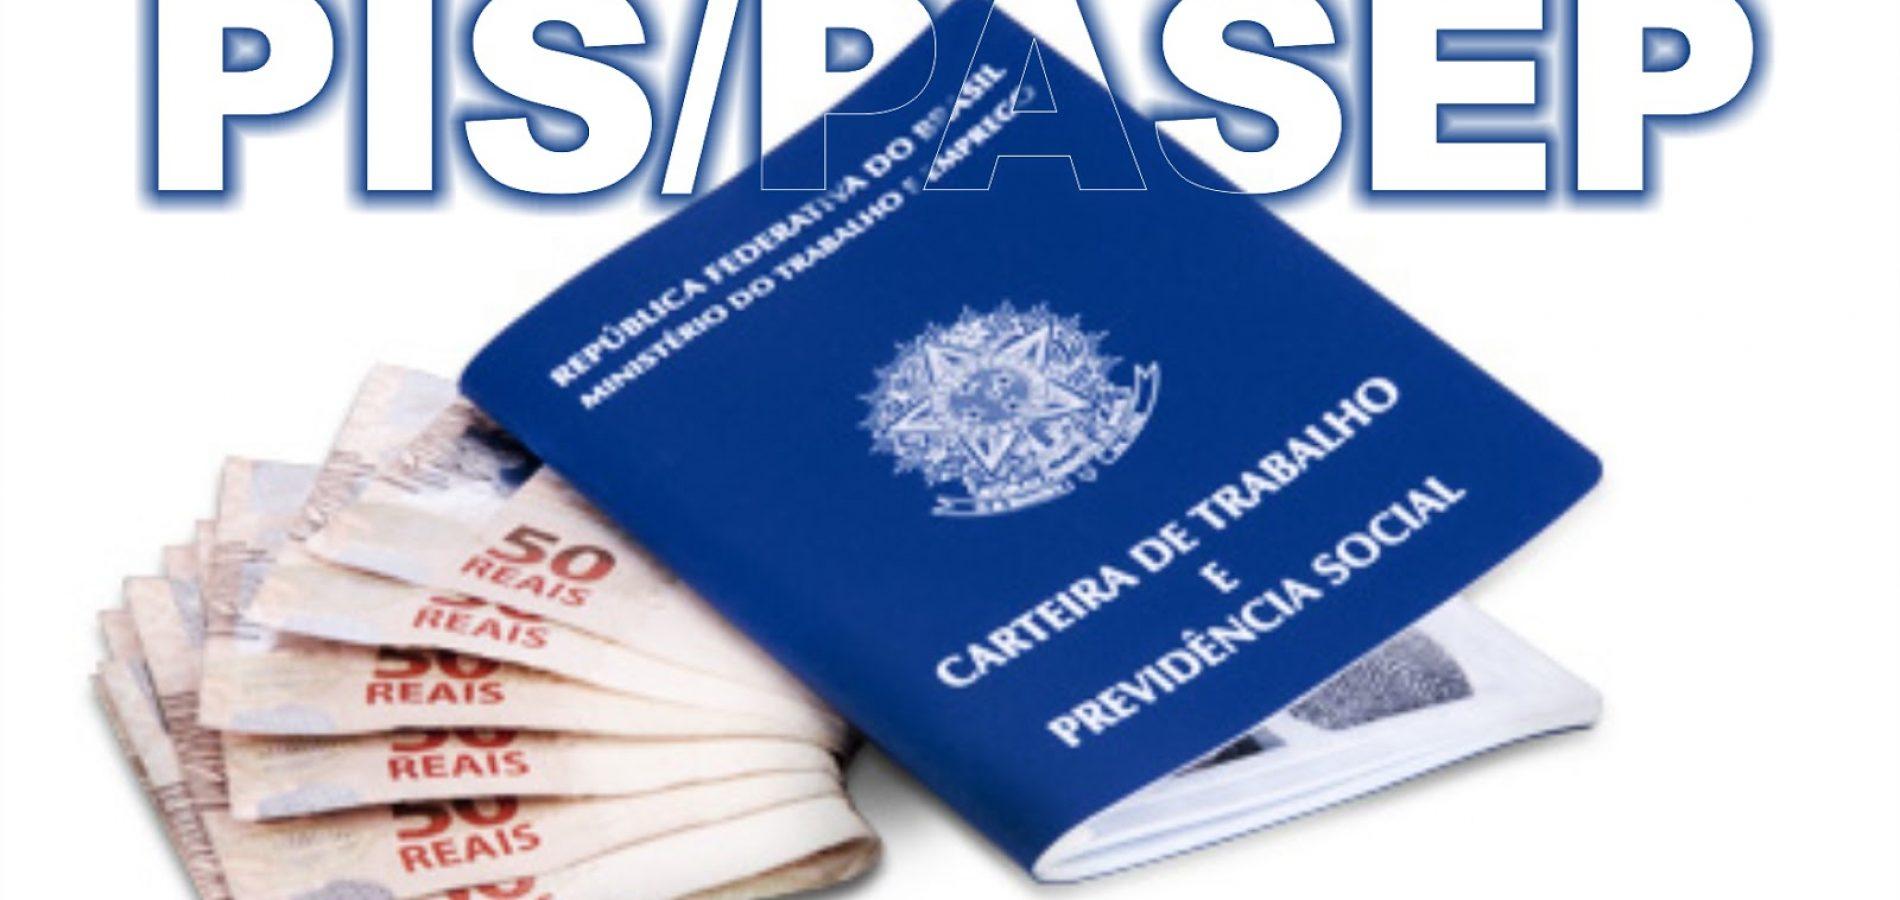 Herdeiros podem sacar  PIS/Pasep de cotistas já falecidos